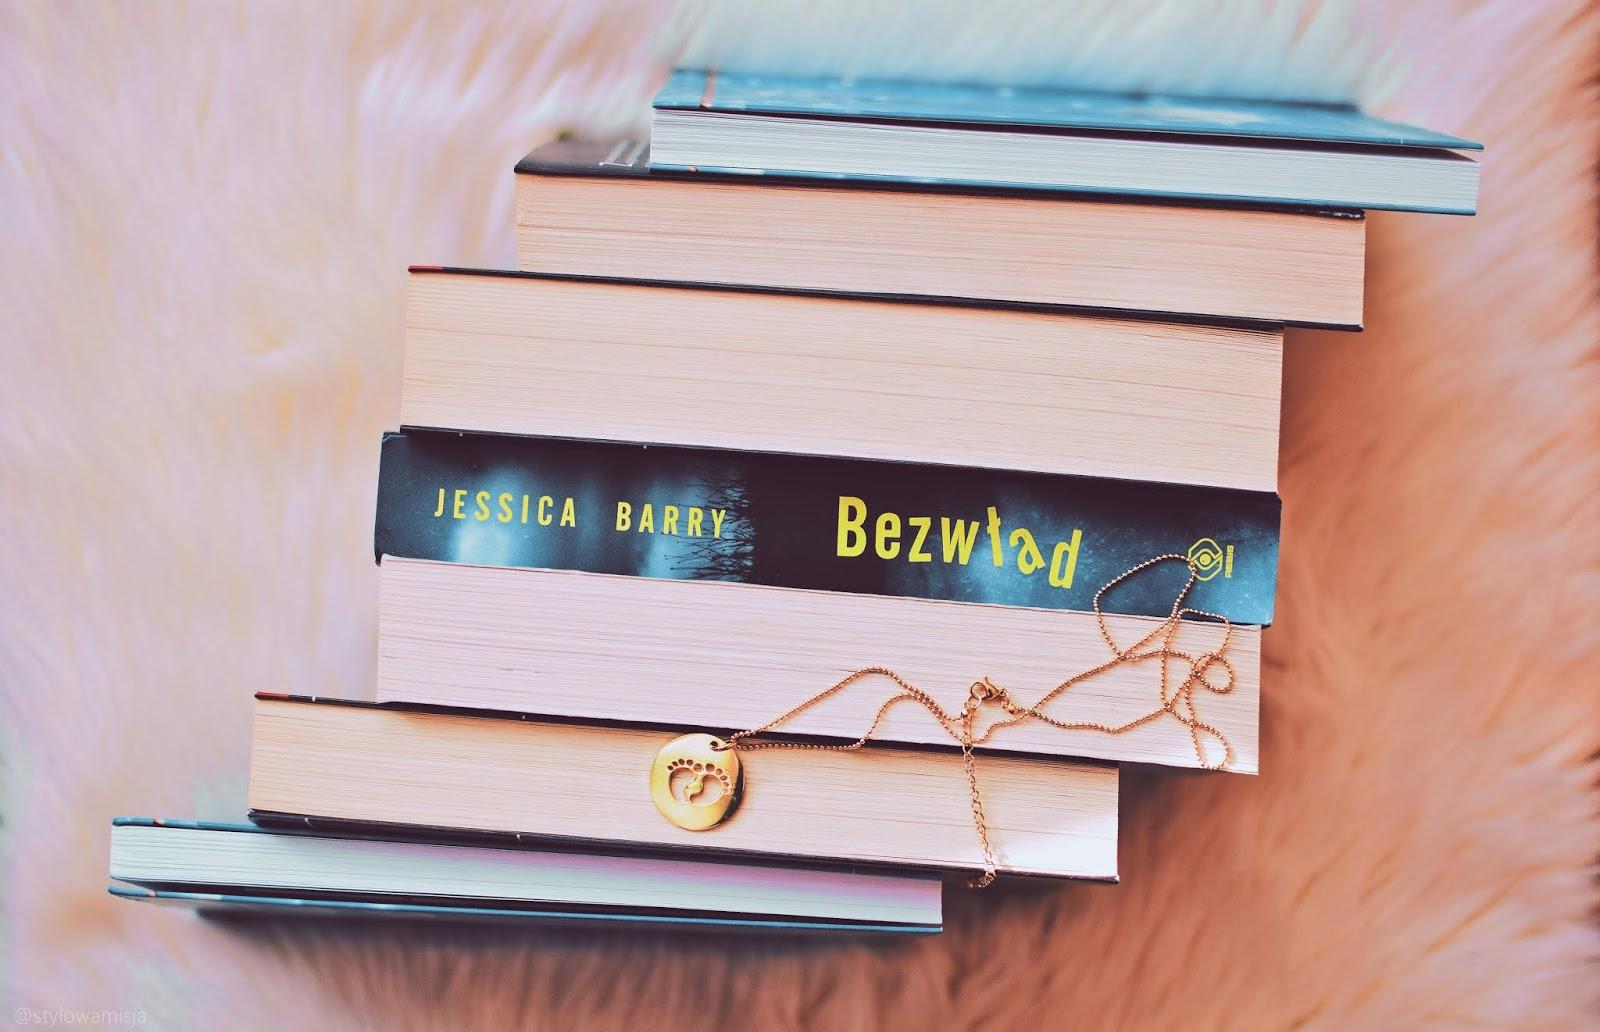 Bezwład, DomWydawniczyRebis, JessicaBarry, opowiadanie, recenzja, thriller,